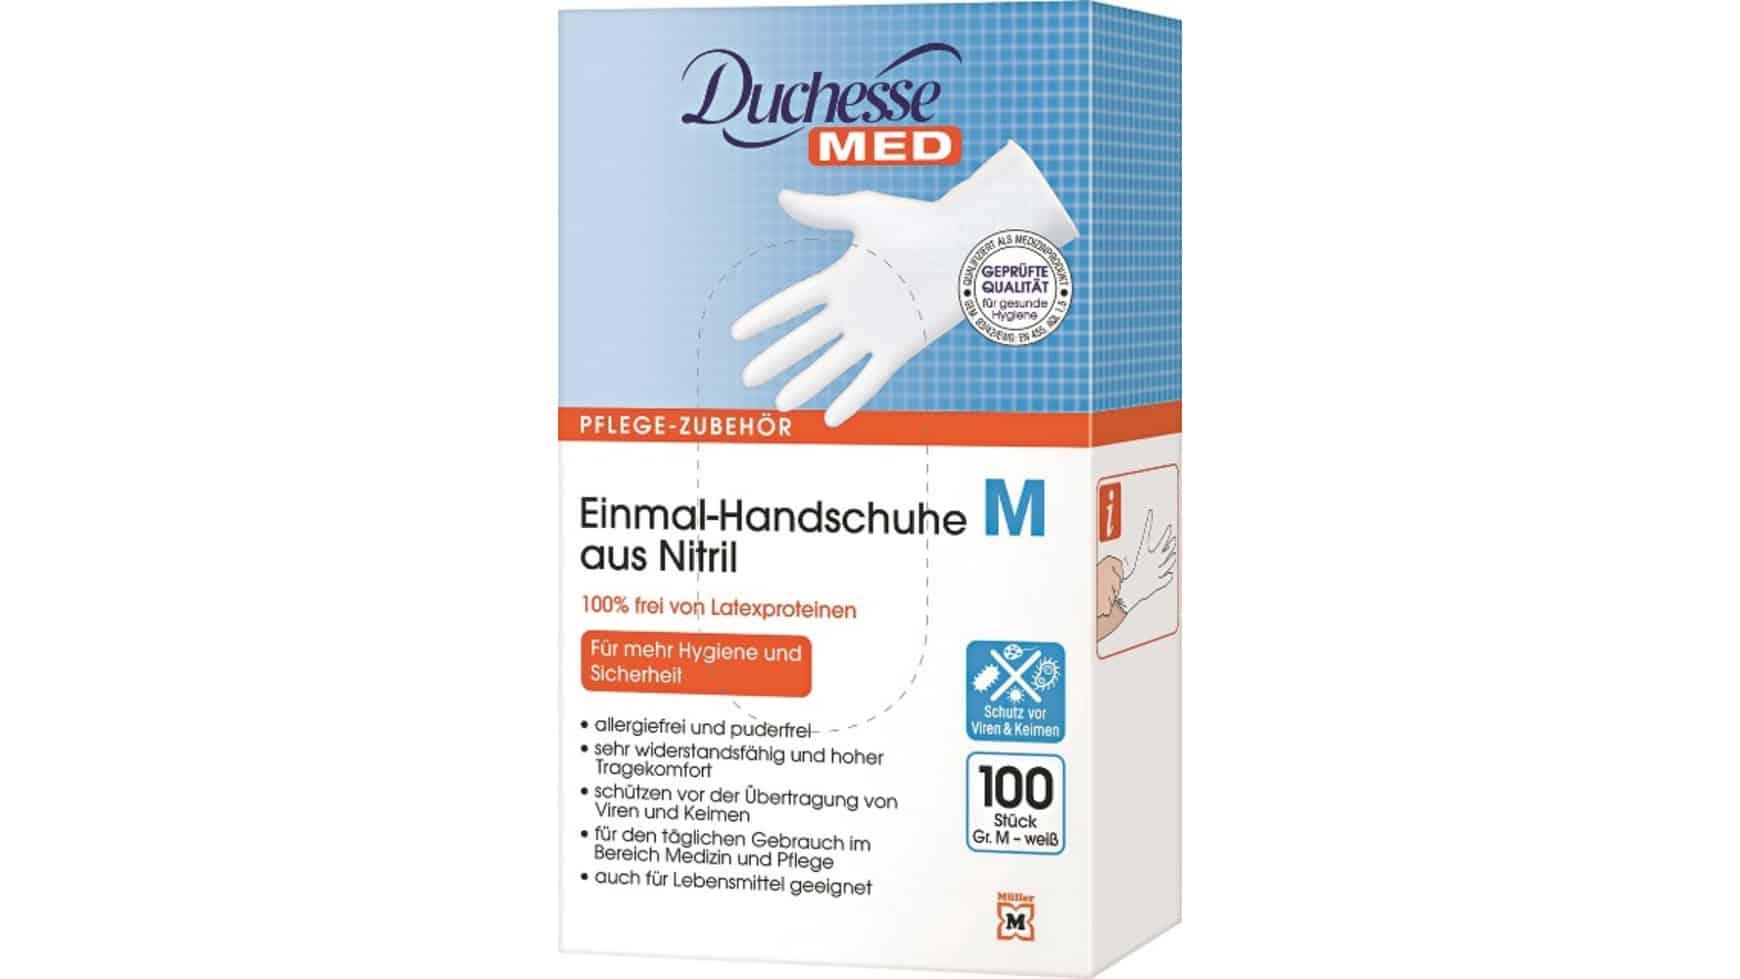 Müller Duchesse MED